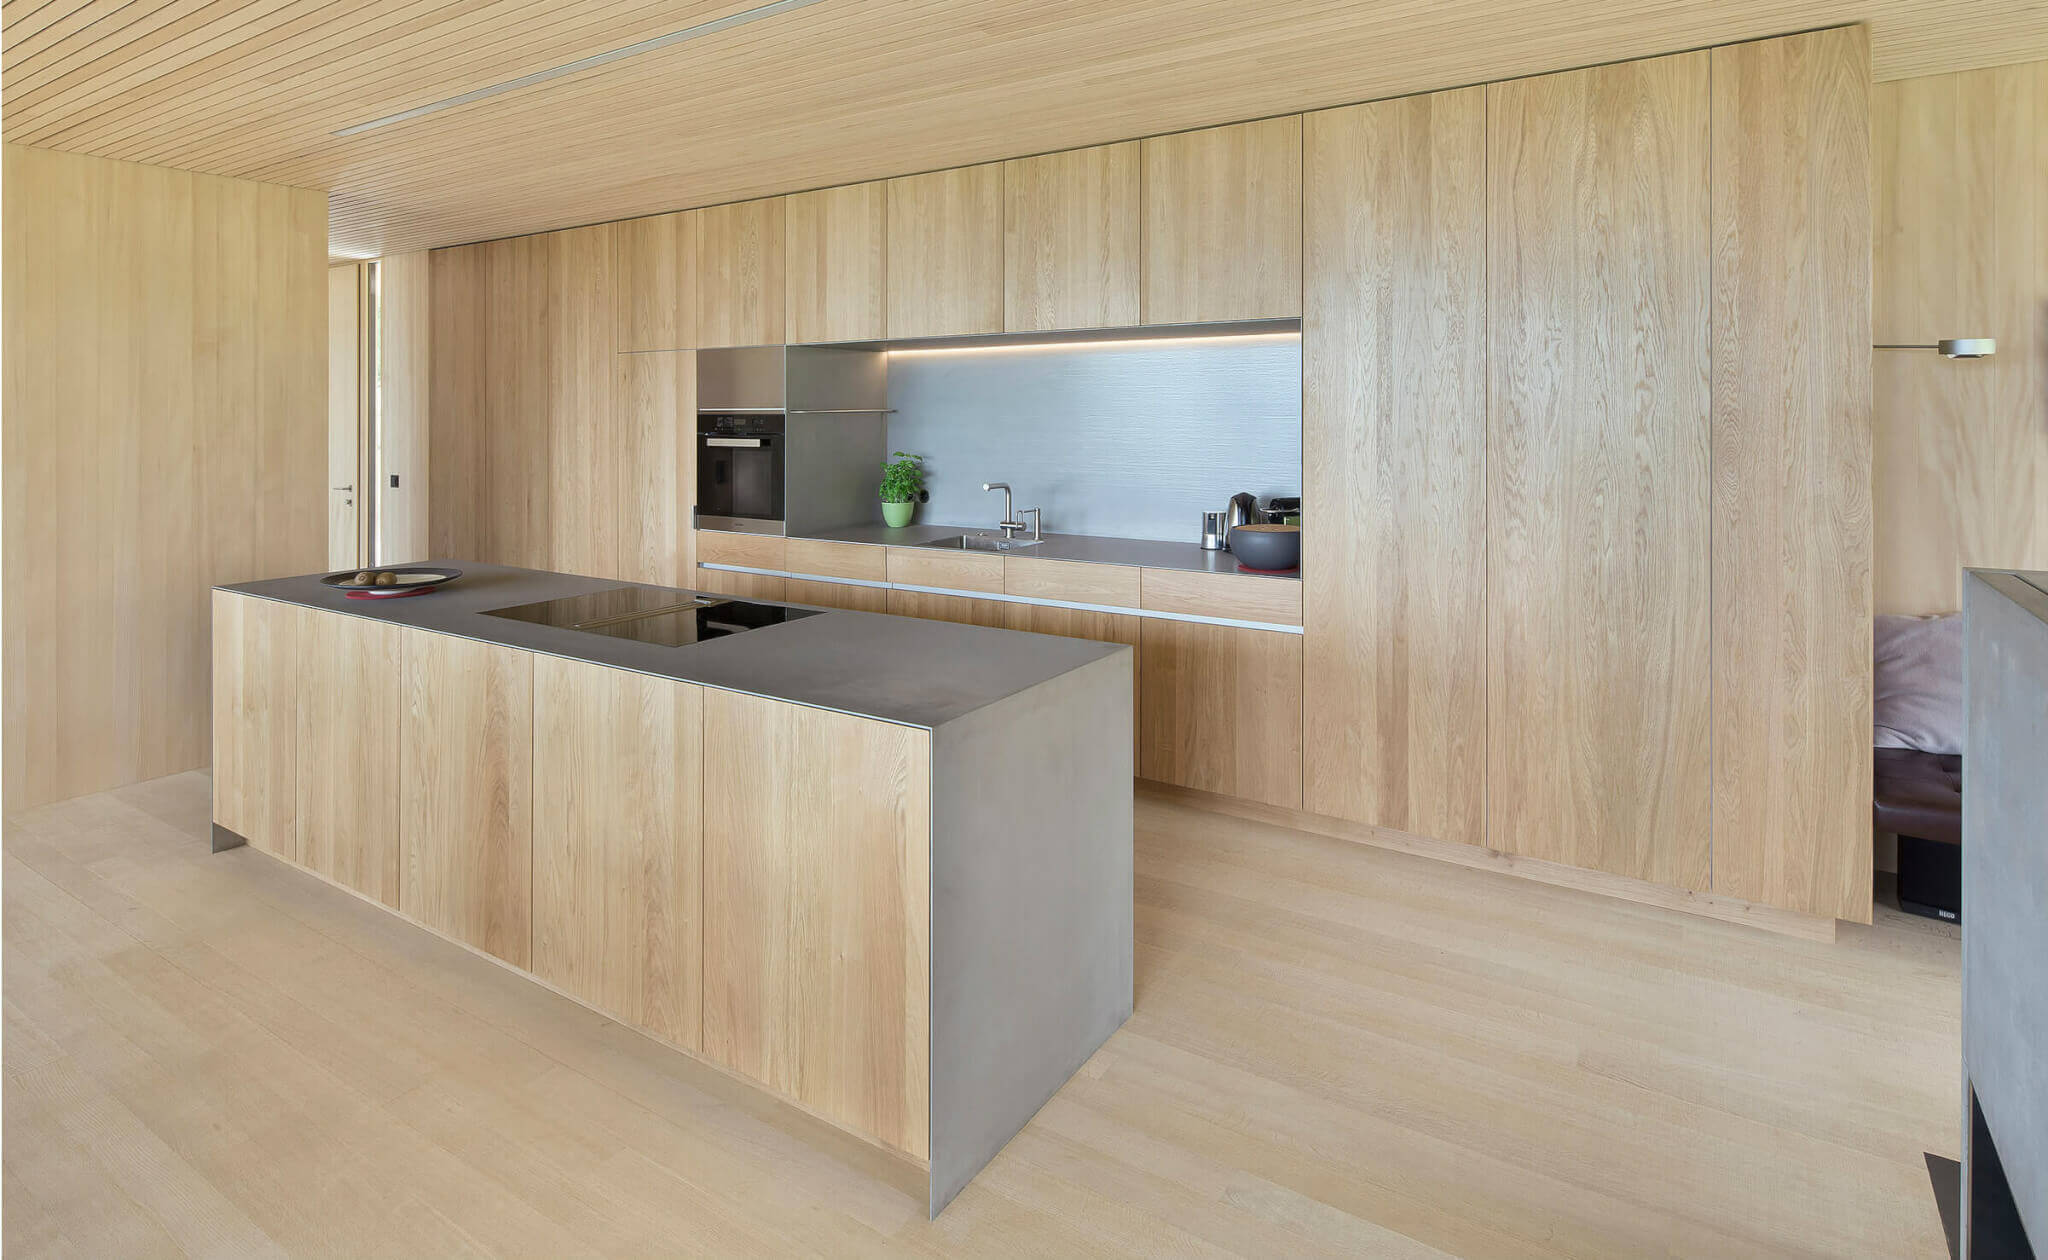 k chenarbeitsplatten vergleich bilder preise vorteile und nachteile von holz granit beton. Black Bedroom Furniture Sets. Home Design Ideas